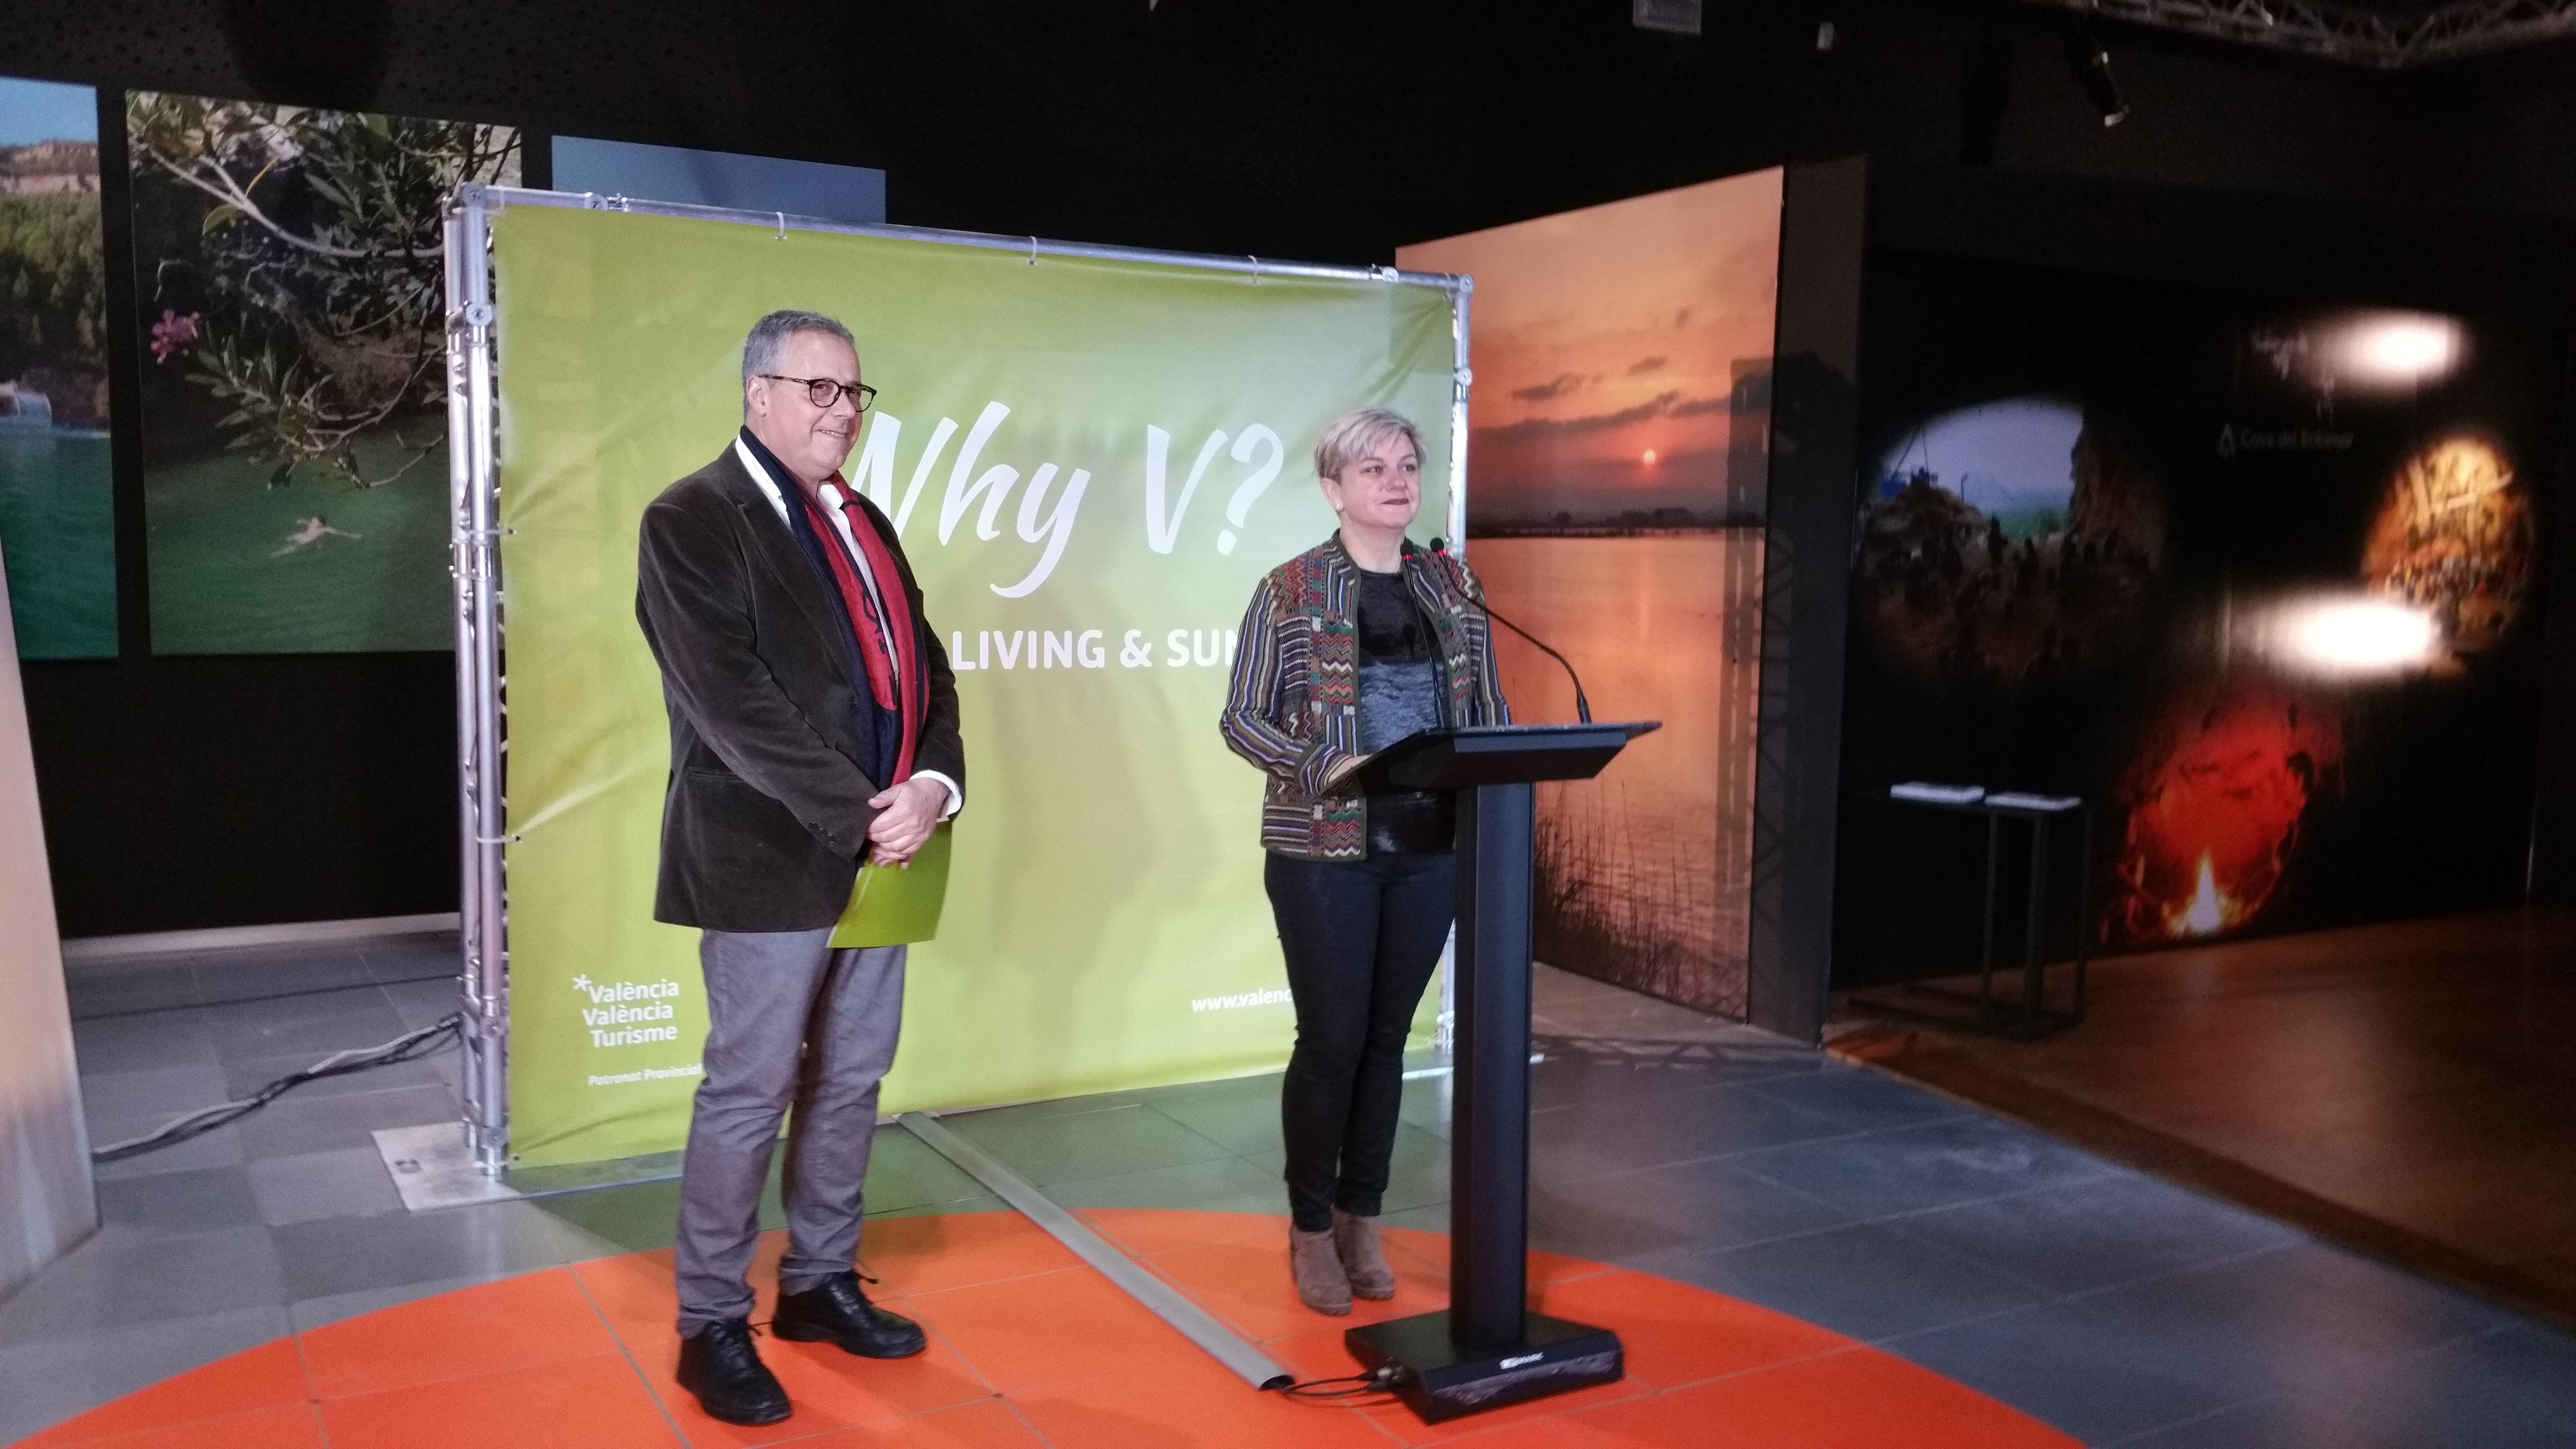 """""""Why V?"""" exportarà al món el Mètode Valencià per a gaudir del turisme en el territori valencià. Pilar Moncho i Evarist Caselles durant la presentació."""